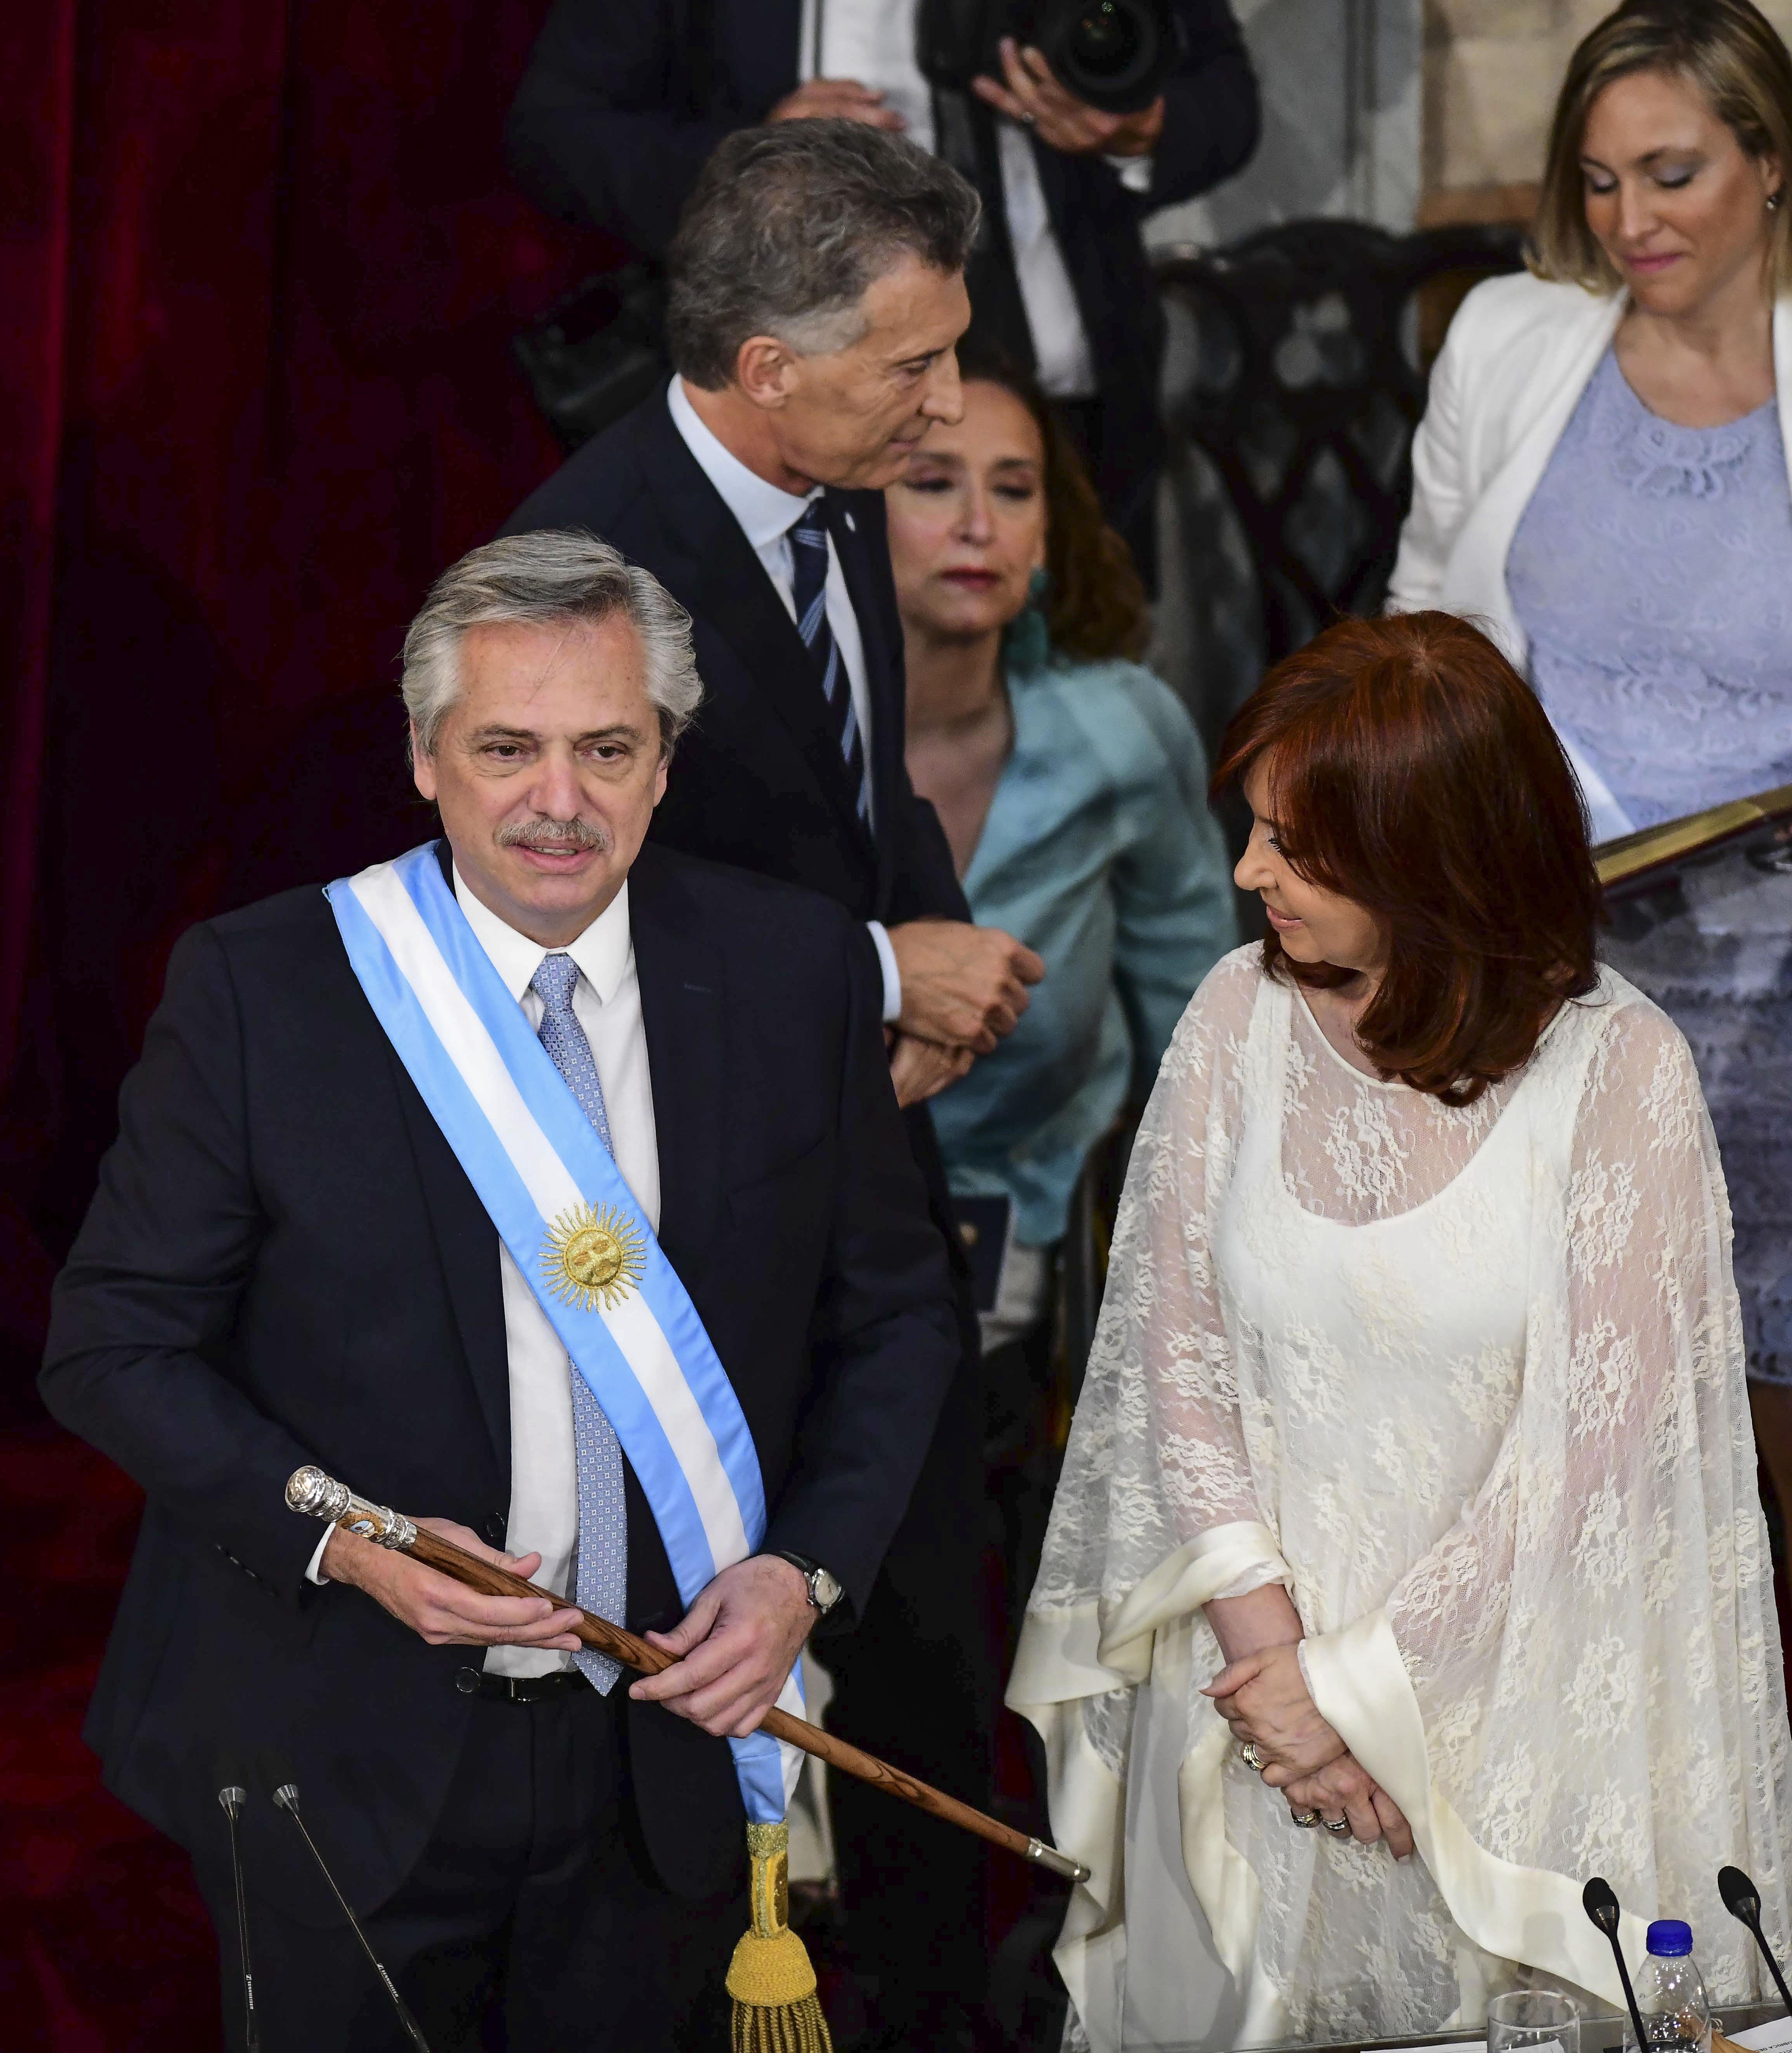 Alberto Fernández con el bastón de mando presidencial que realizó Juan Carlos Pallarols